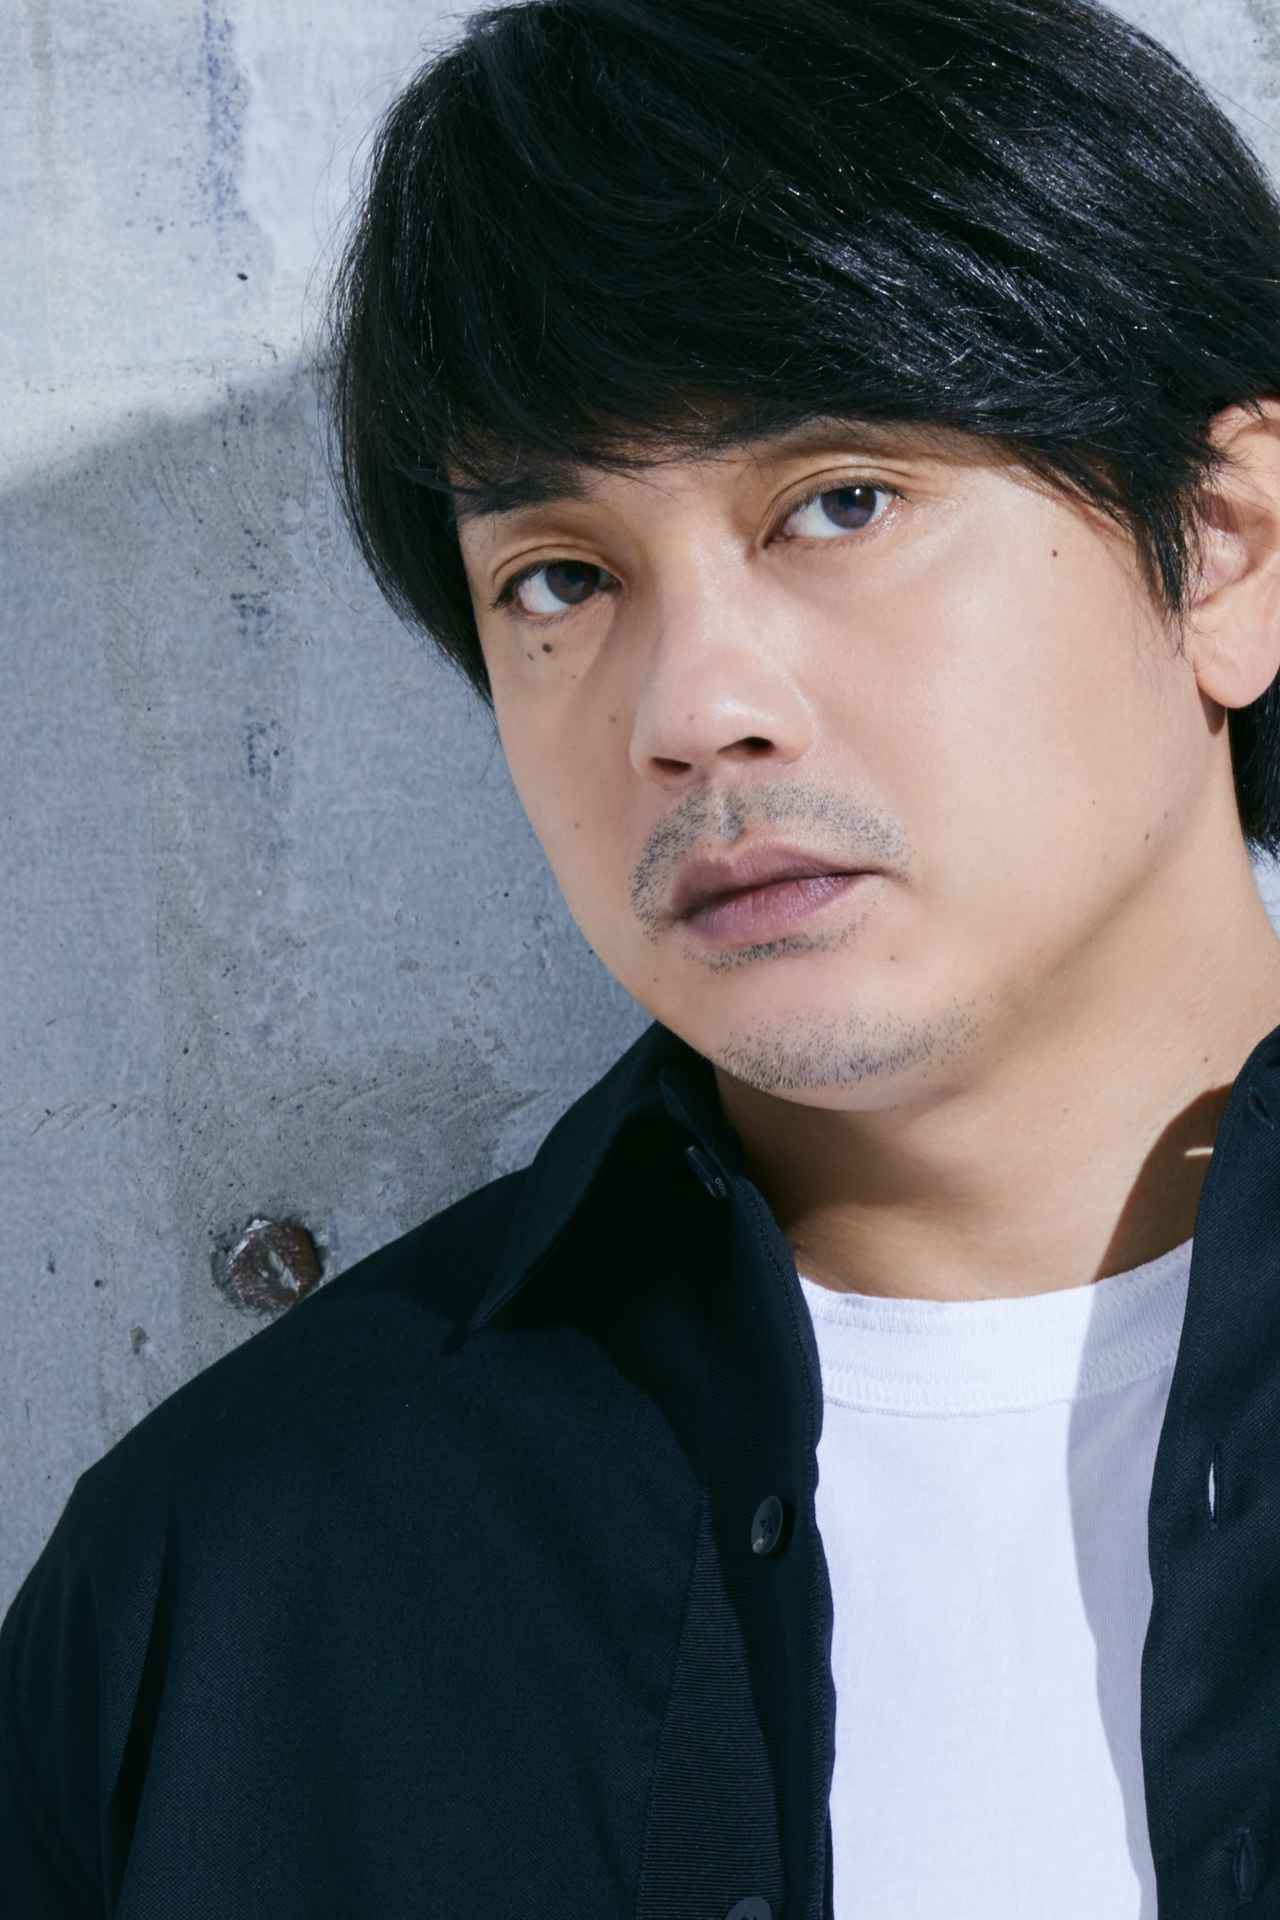 画像8: 劇団EXILE 青柳翔×町田啓太「JAM -the drama-」インタビュー